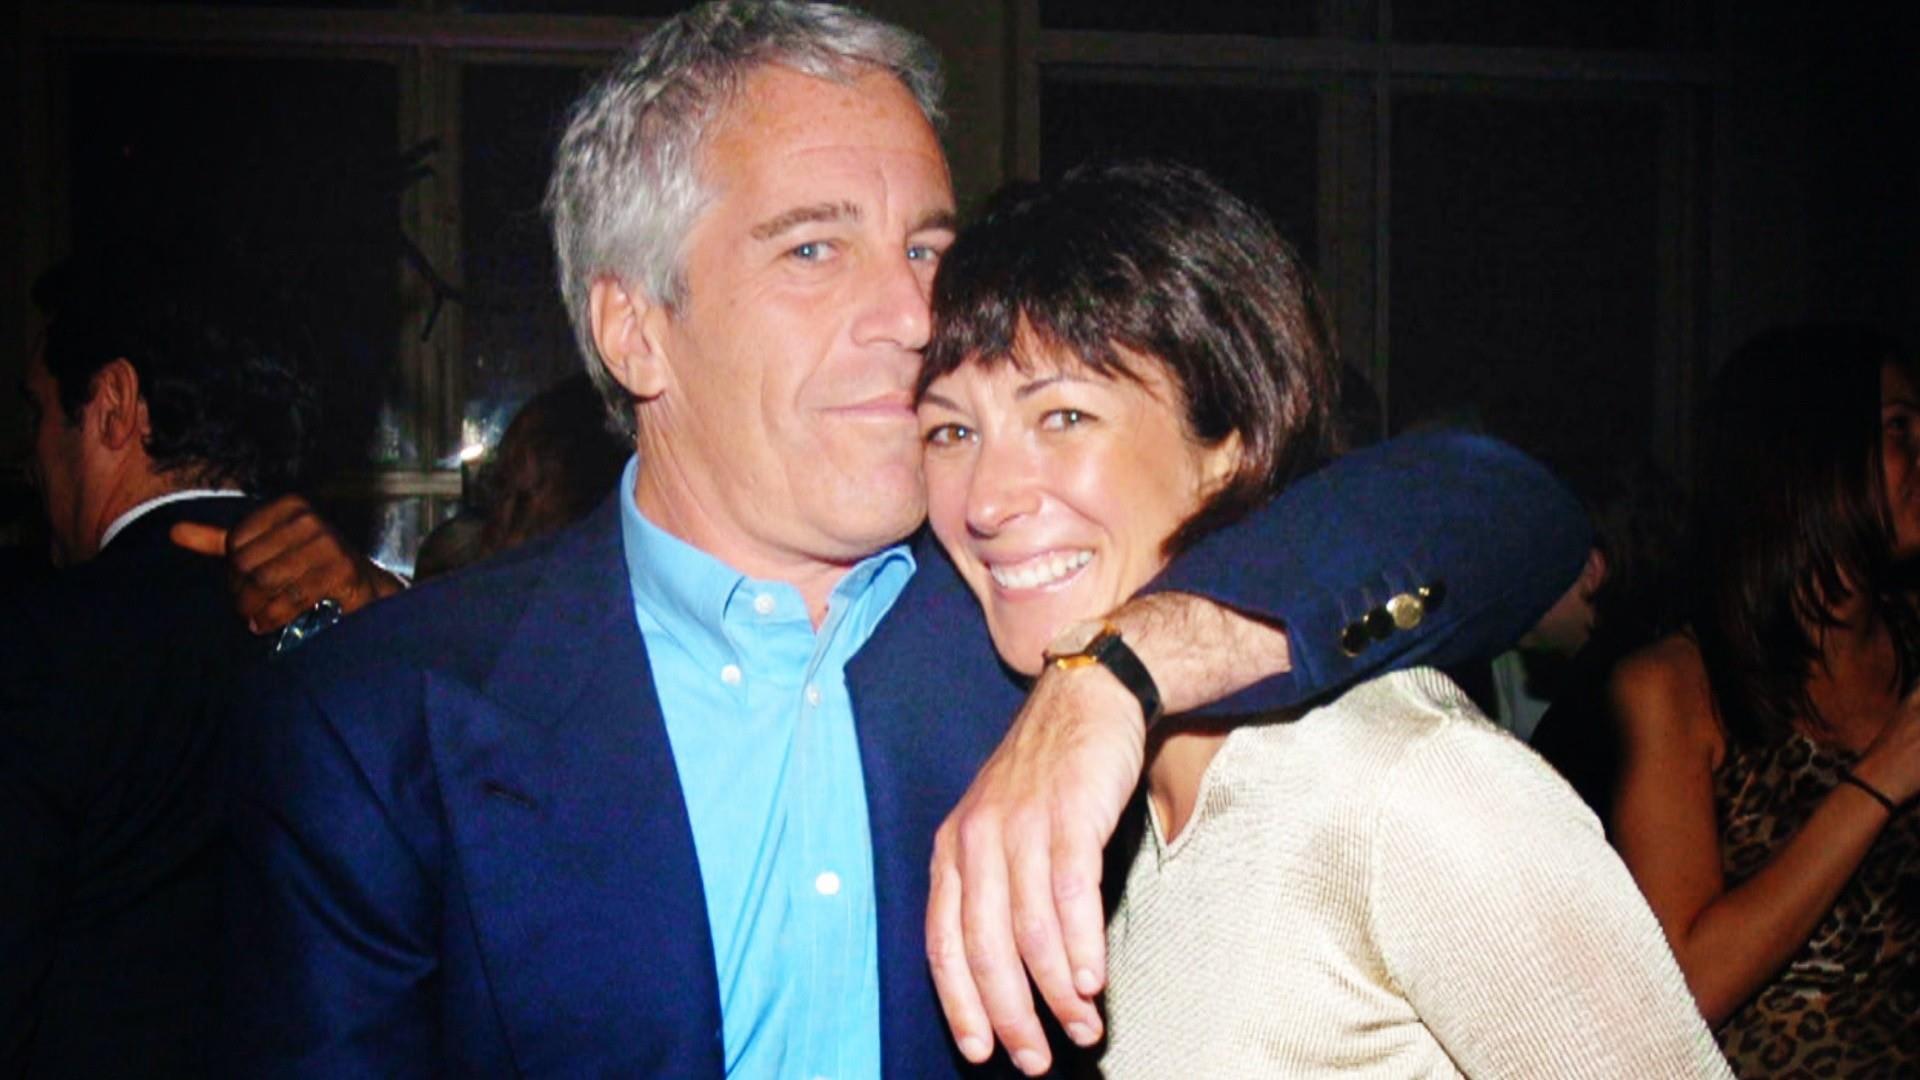 Jeffrey Epstein associate Ghislaine Maxwell transferred to New York City jail